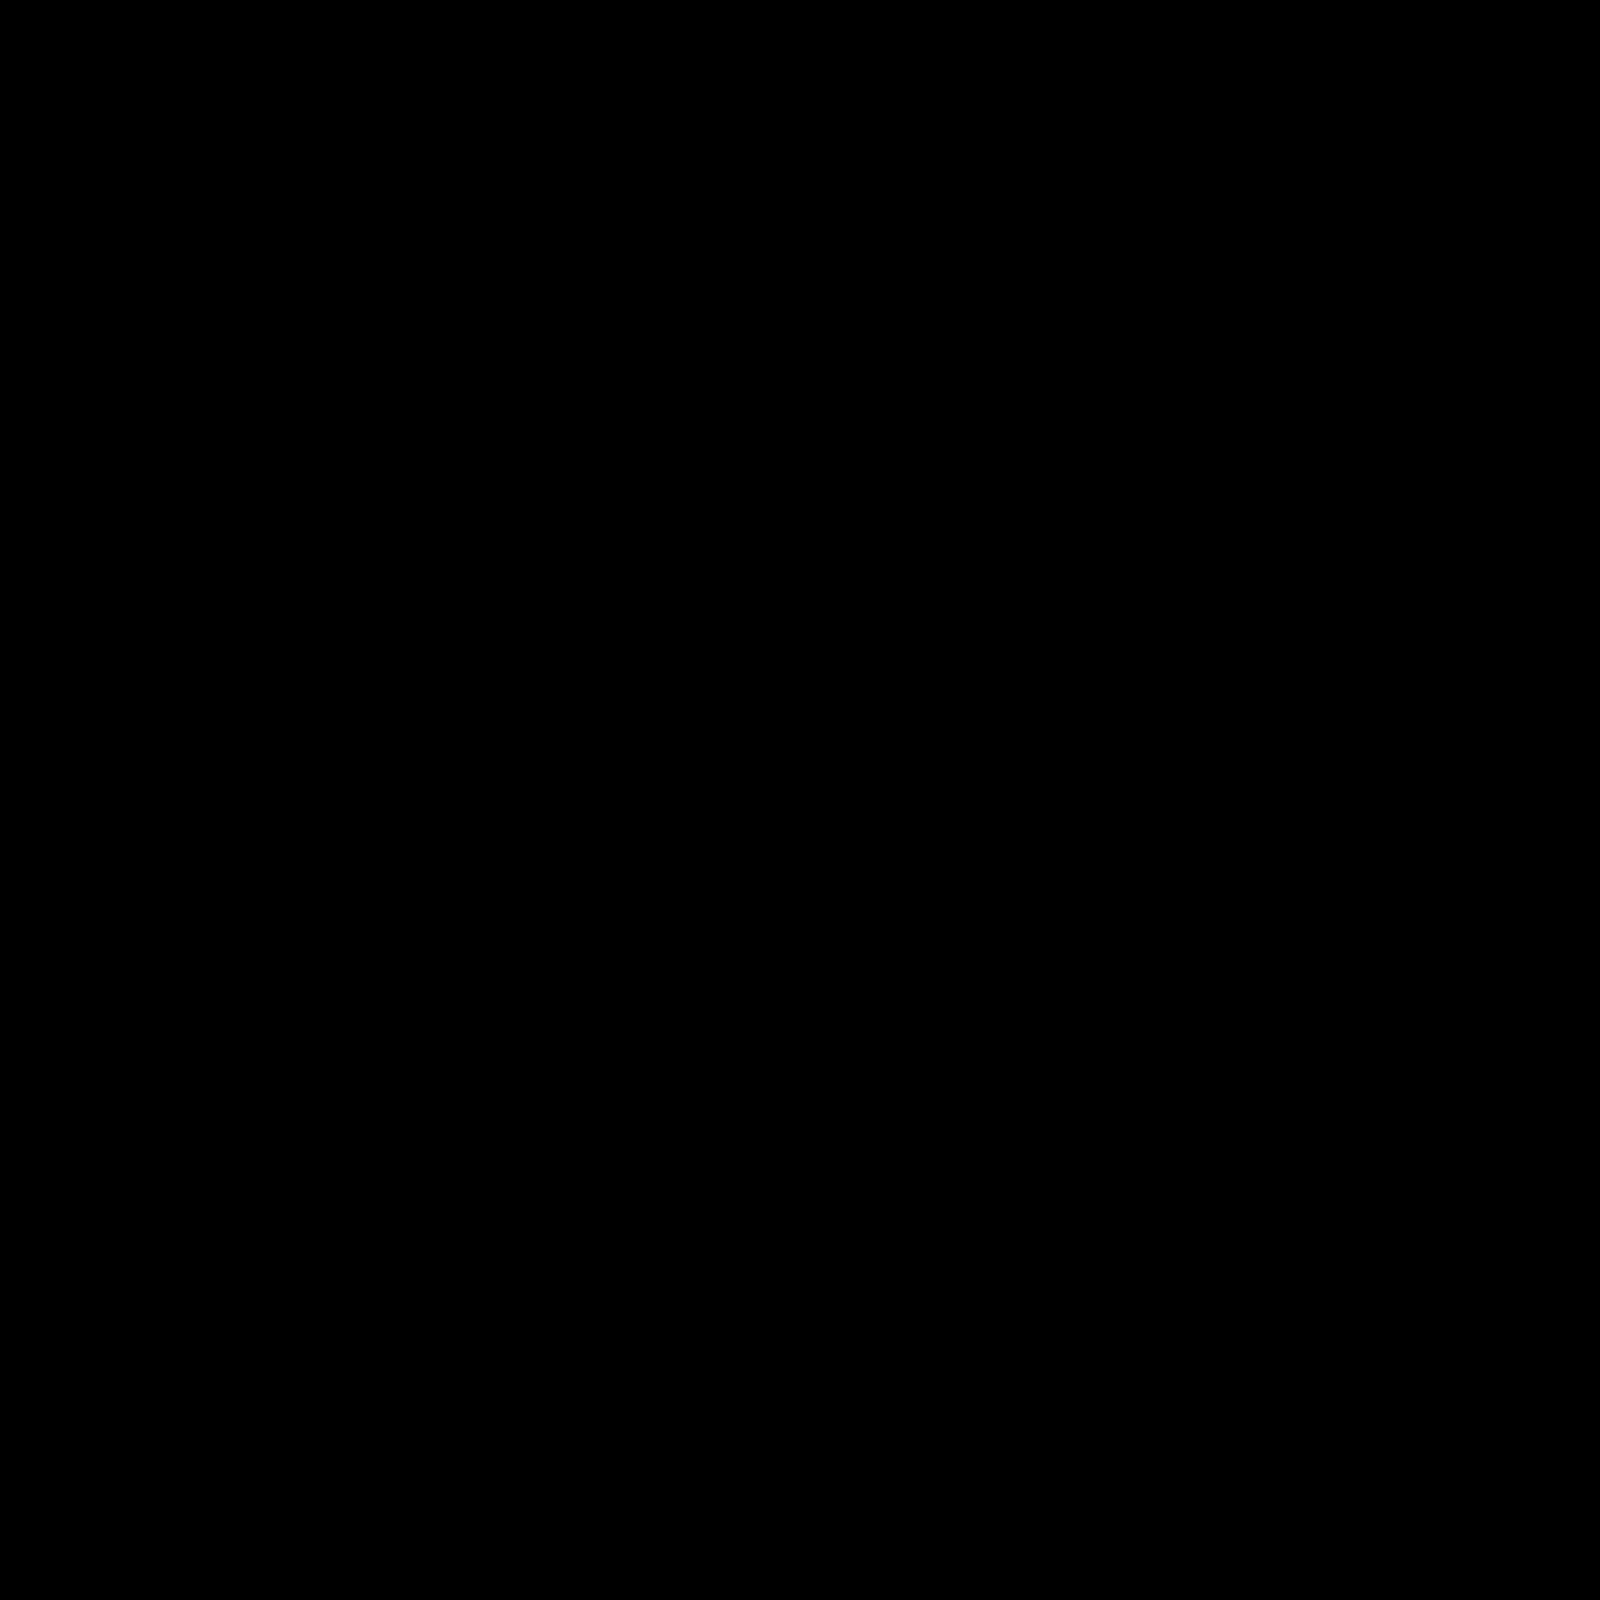 Stan połączenia wyłączony icon